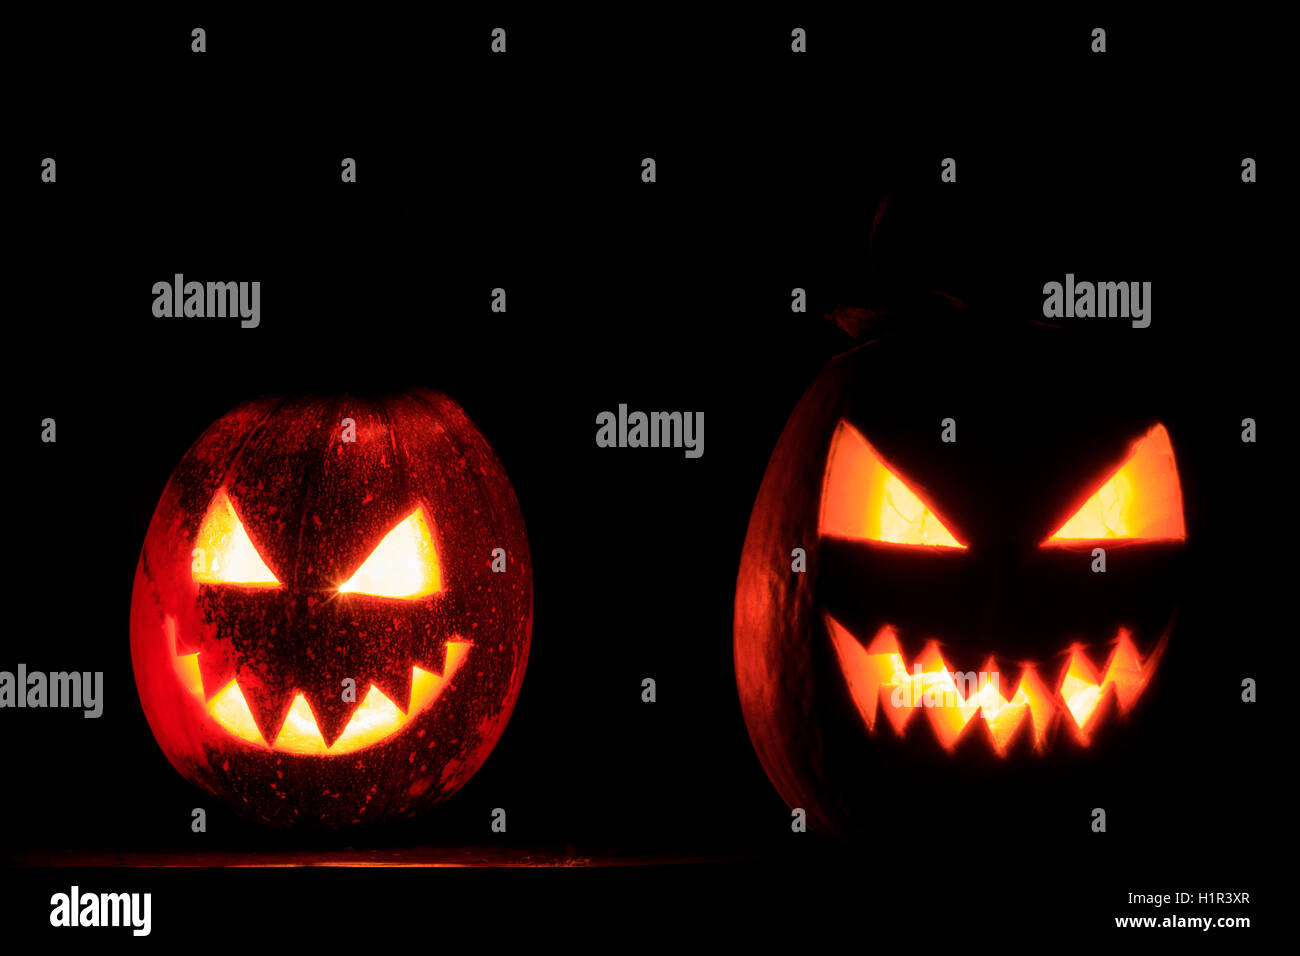 Schrecklichen Zwei Kürbis Gesichter Stockfoto Bild 121595231 Alamy